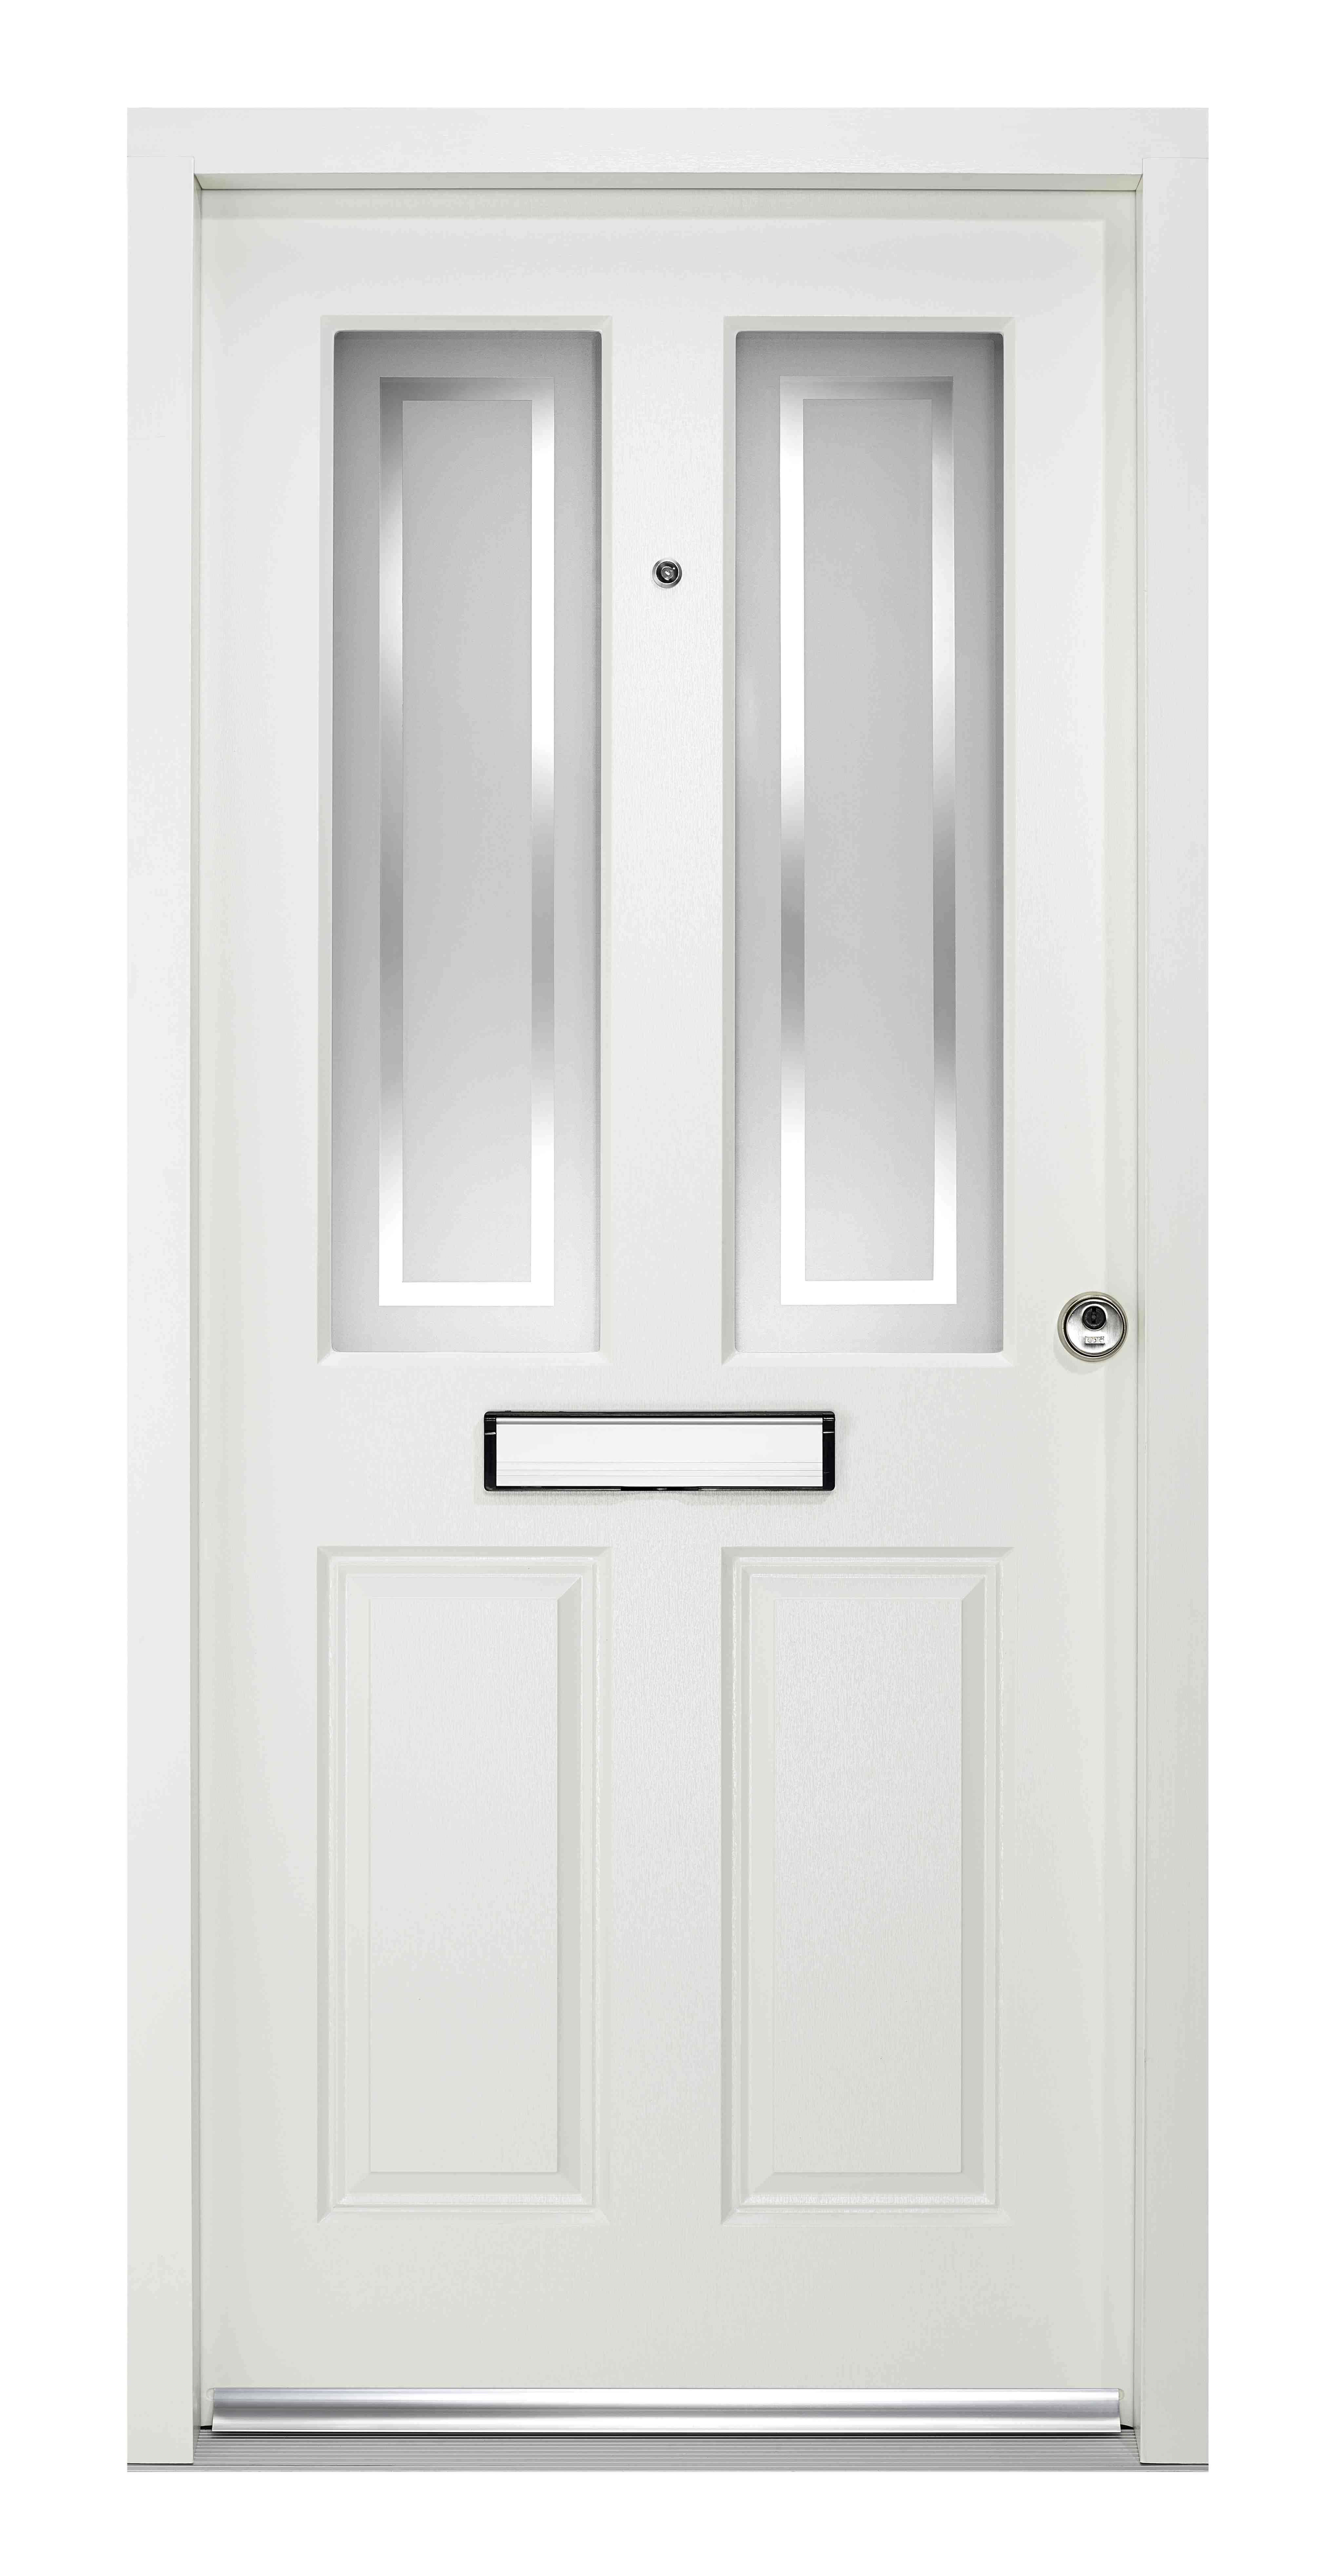 Malton-Letterbox-Spyhole-White  sc 1 st  Chislehurst Doors & Malton-Letterbox-Spyhole-White | Chislehurst Doors pezcame.com